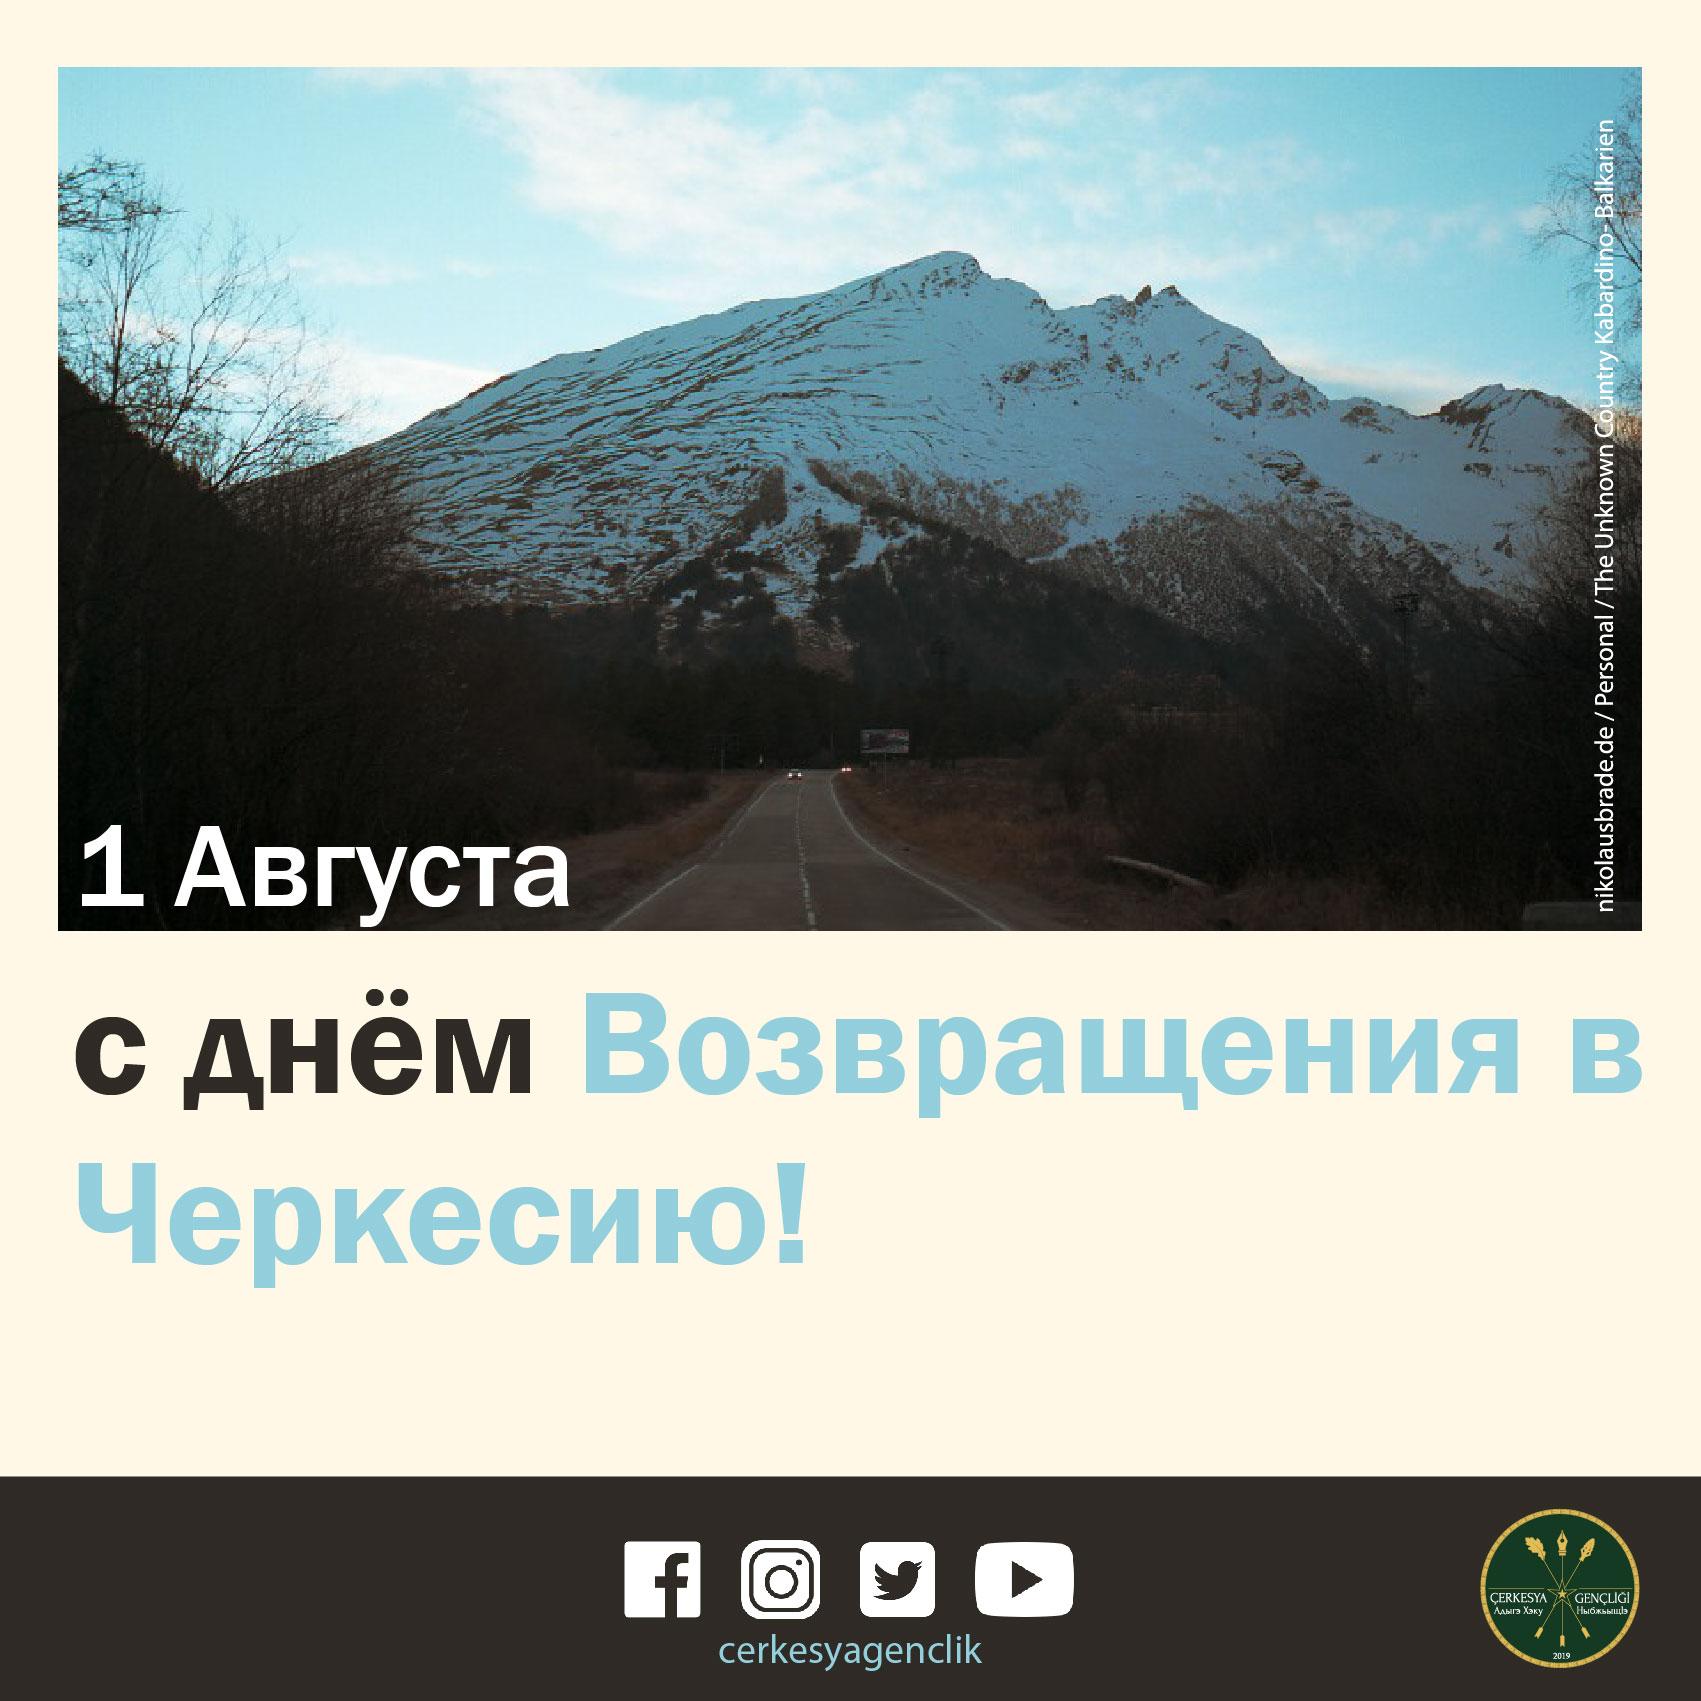 1 Августа - Значить  Перестрокние  Будущего, Родины - Черкесии